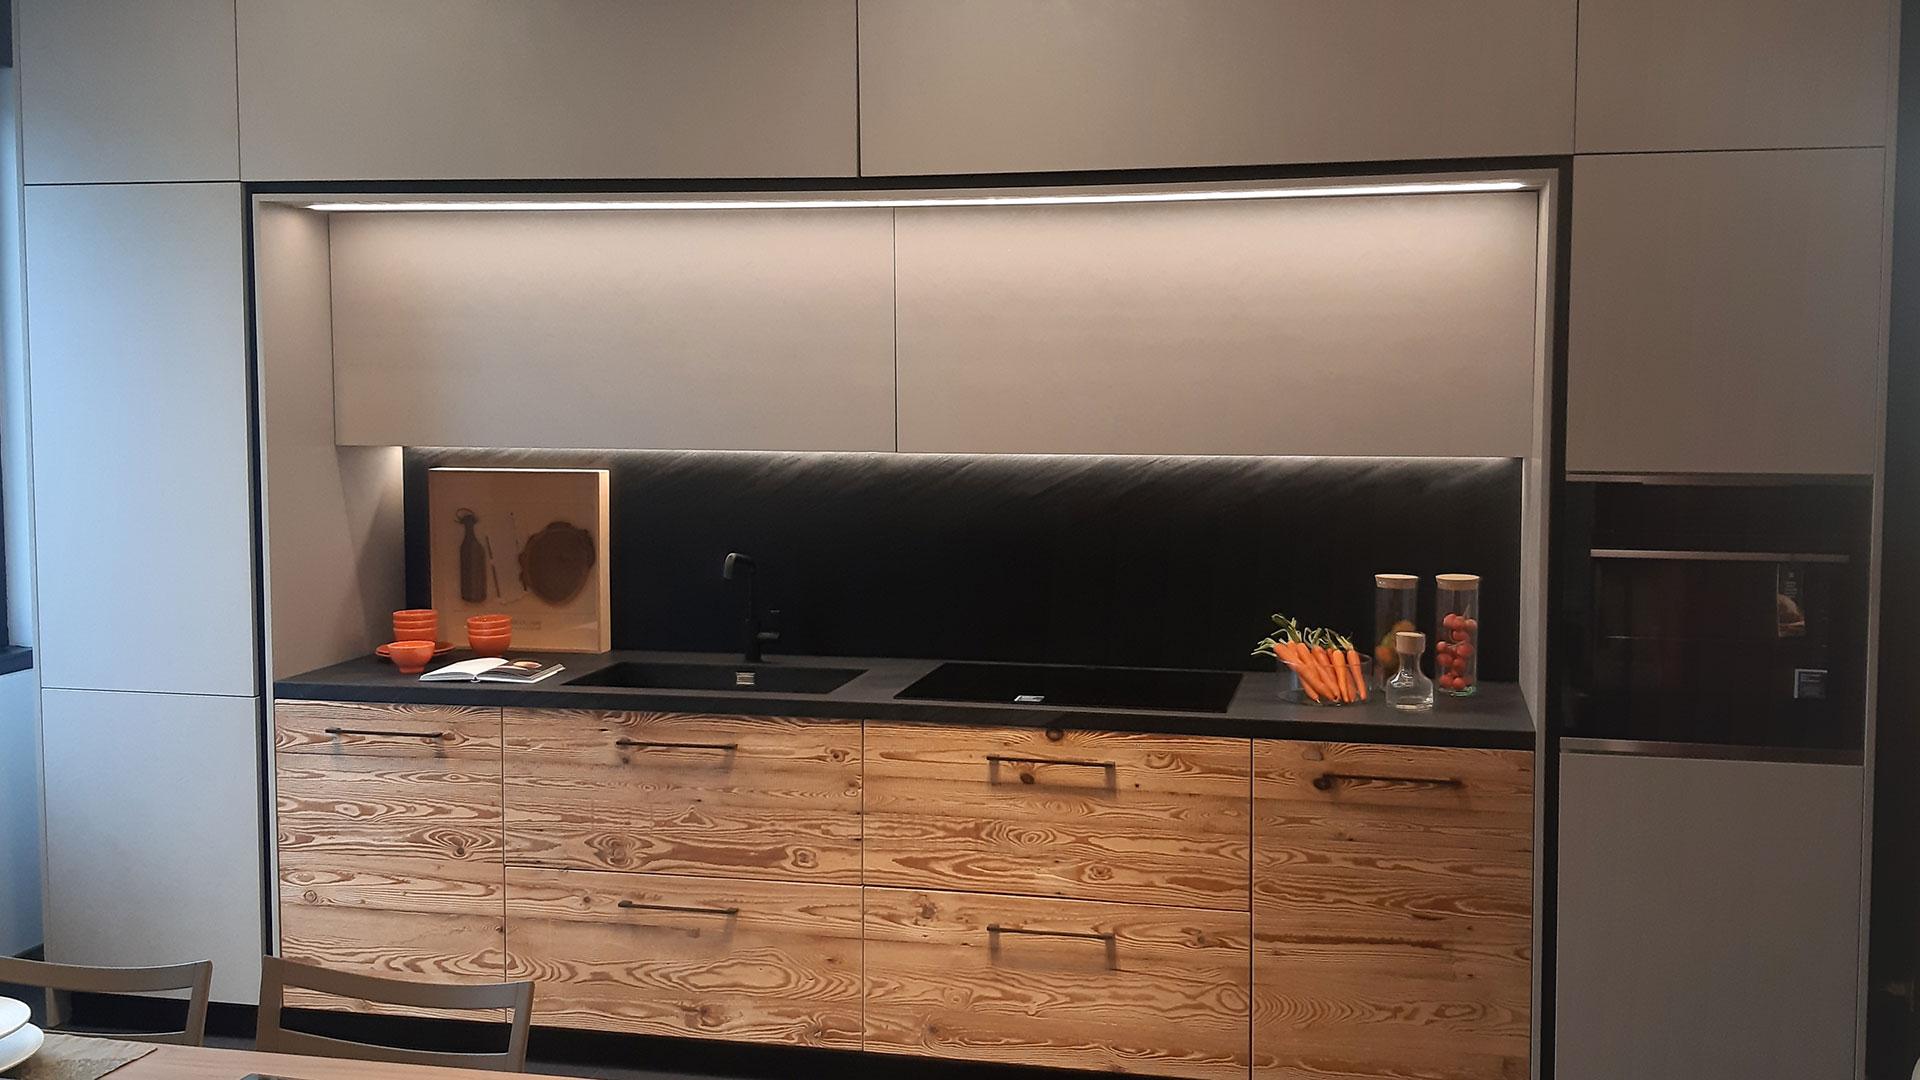 Cucina lineare su misura in legno vecchio di larice e laminato effetto calce by Conti Interior Design